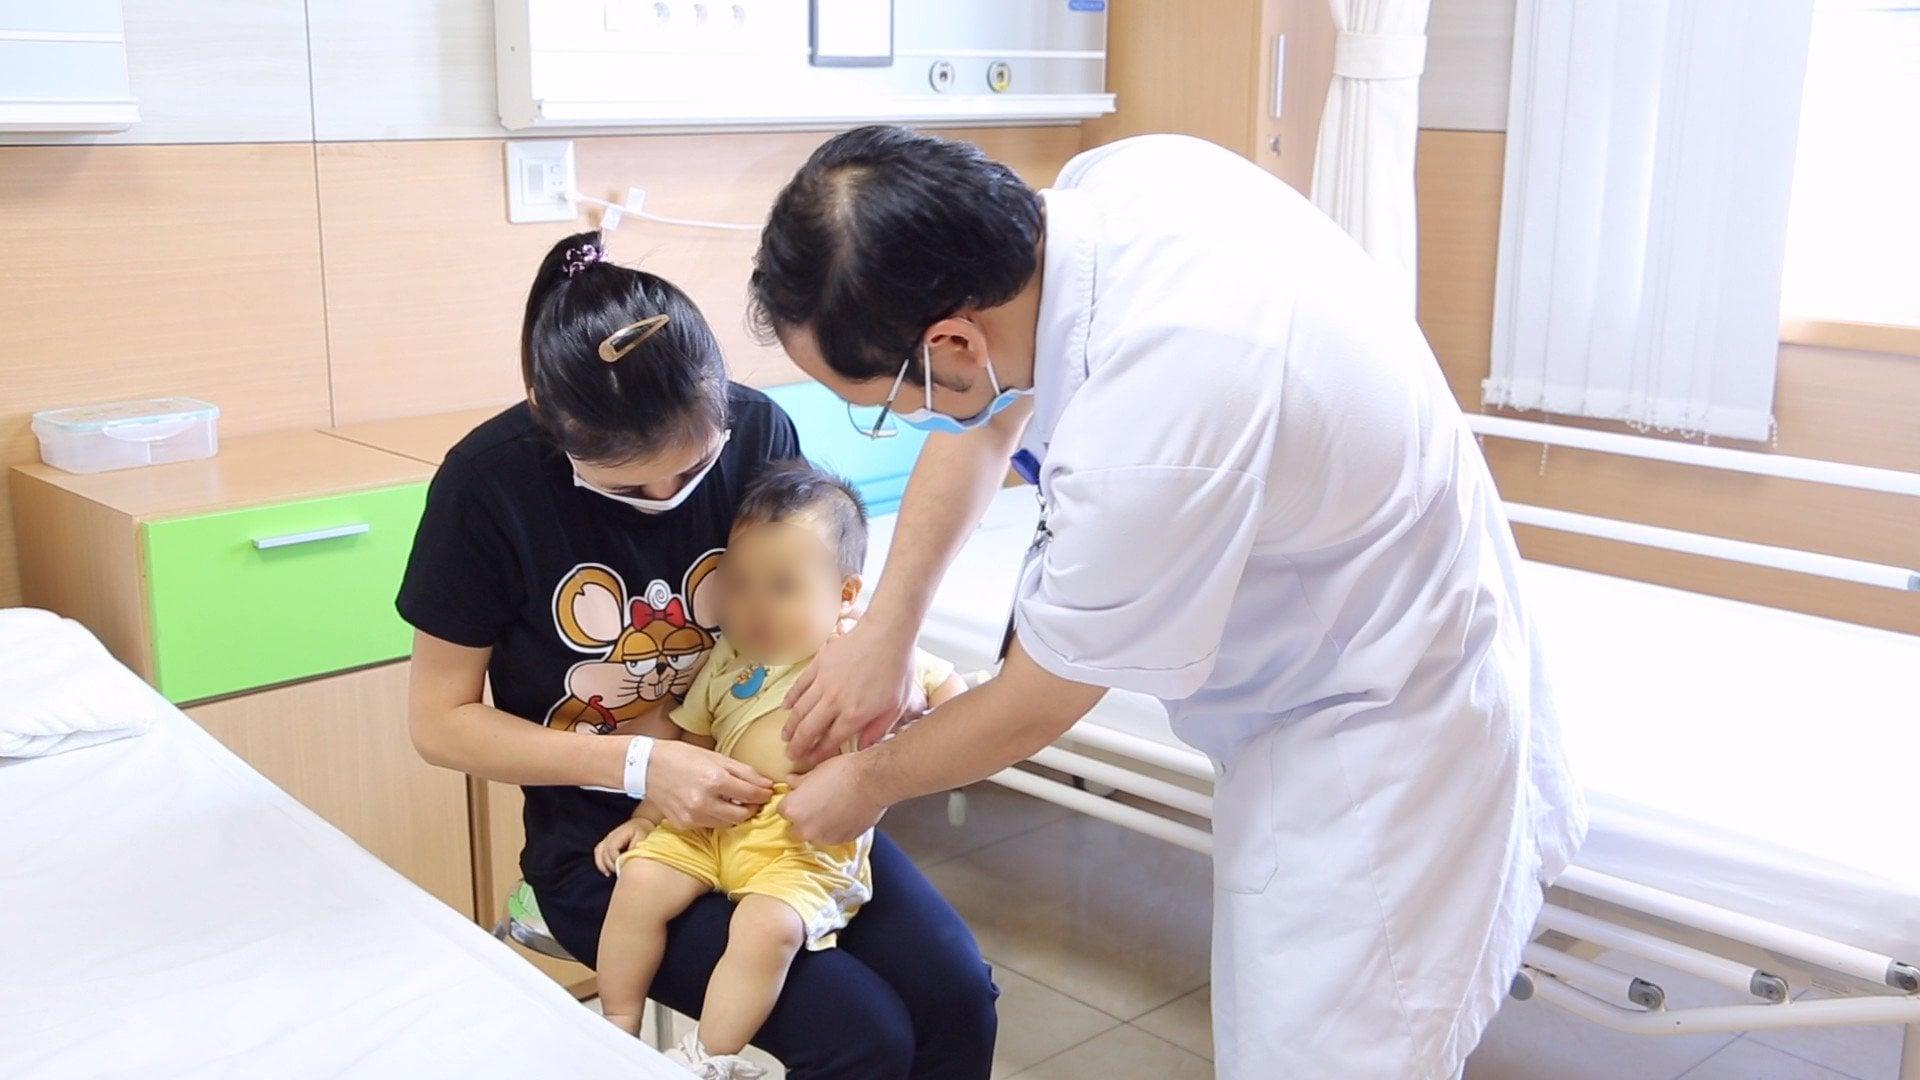 Gian nan cứu trẻ sinh cực non tháng 'bé tẹo như cái kẹo' - Ảnh 3.